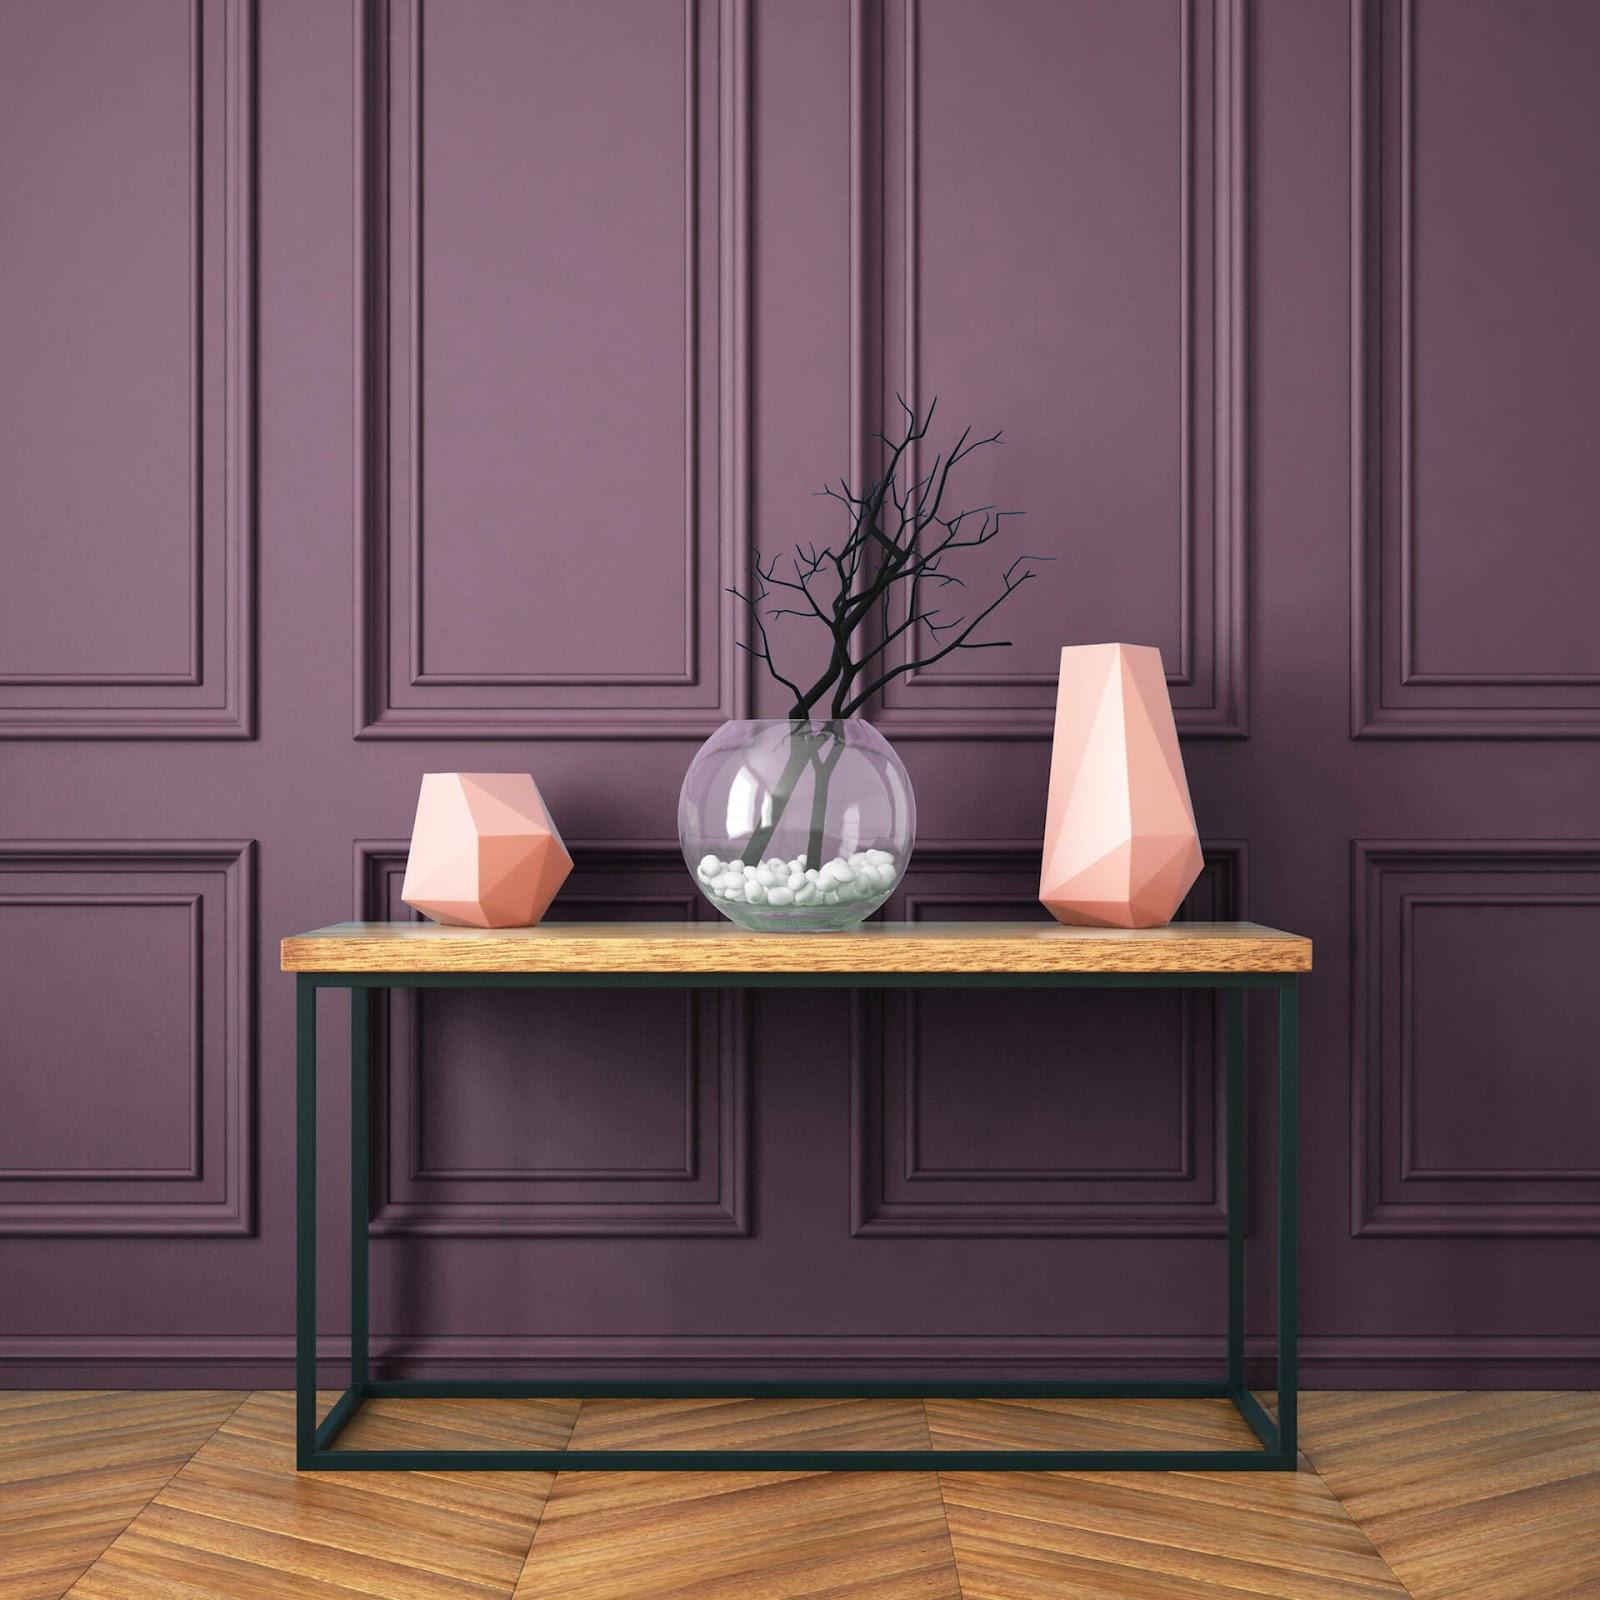 Room painted purple